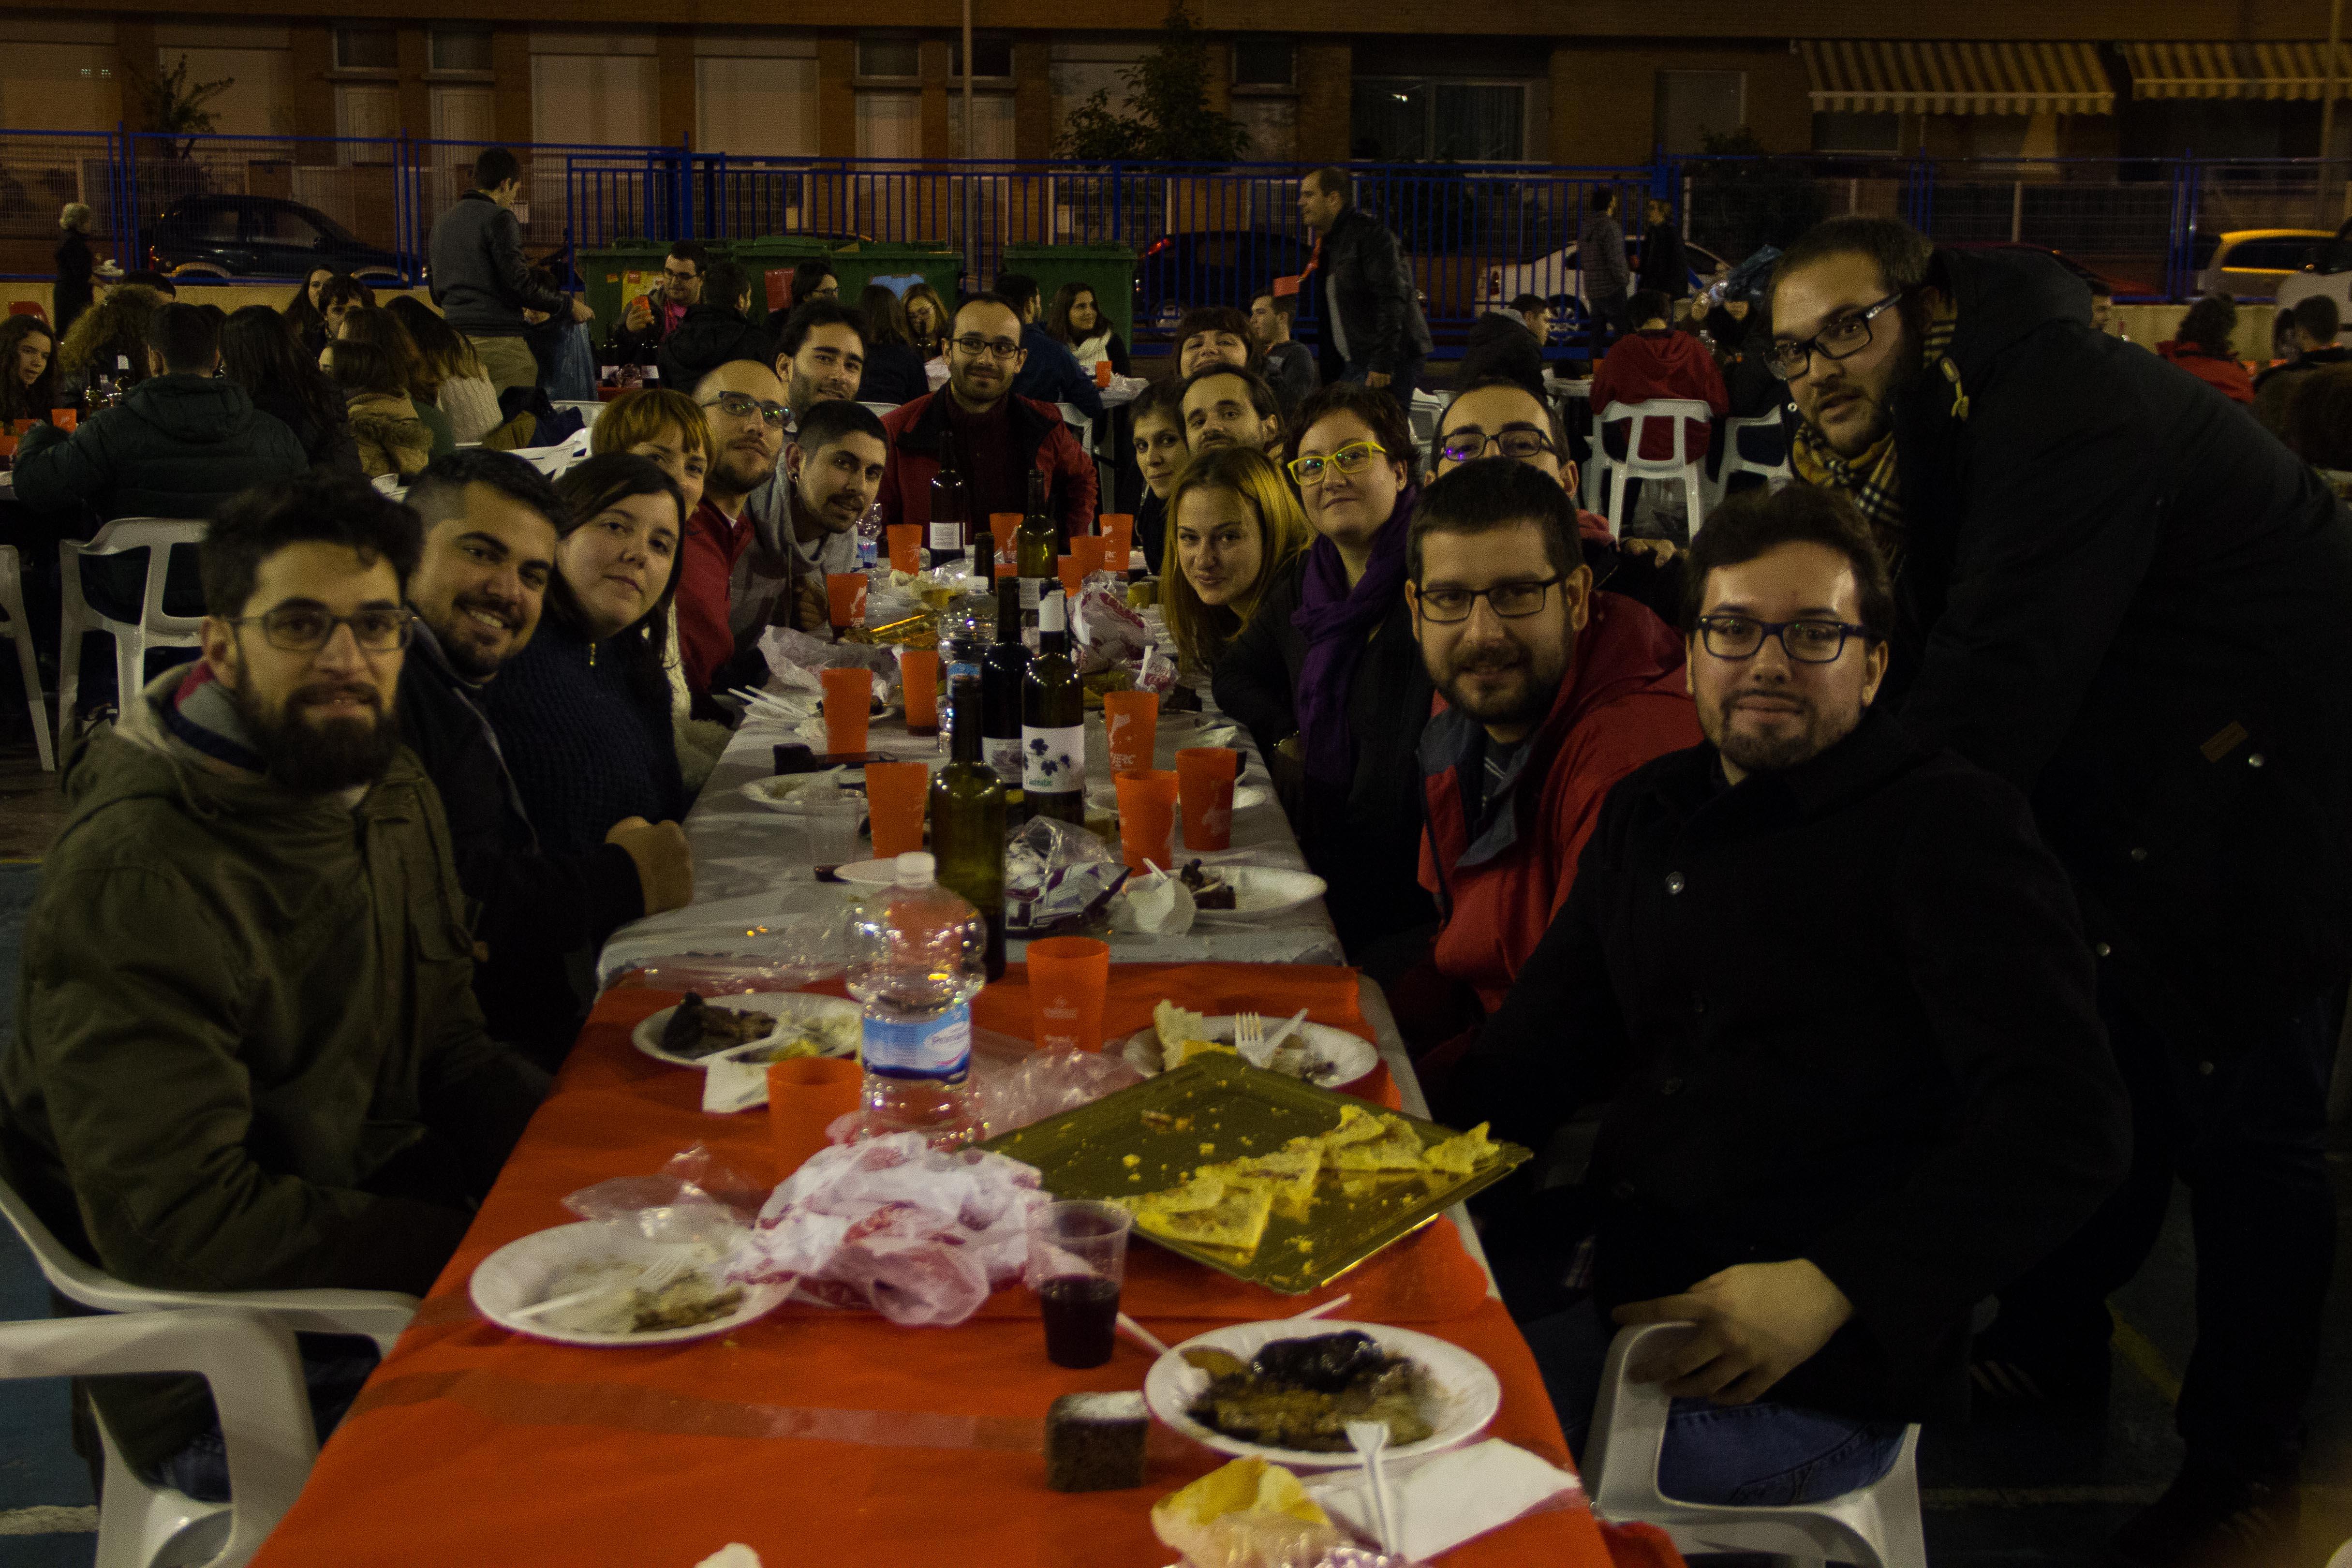 20161129200152_20161127_Congres-Nacional-JERC-Benicarlo_34_Marc-Tiendajpg.jpg